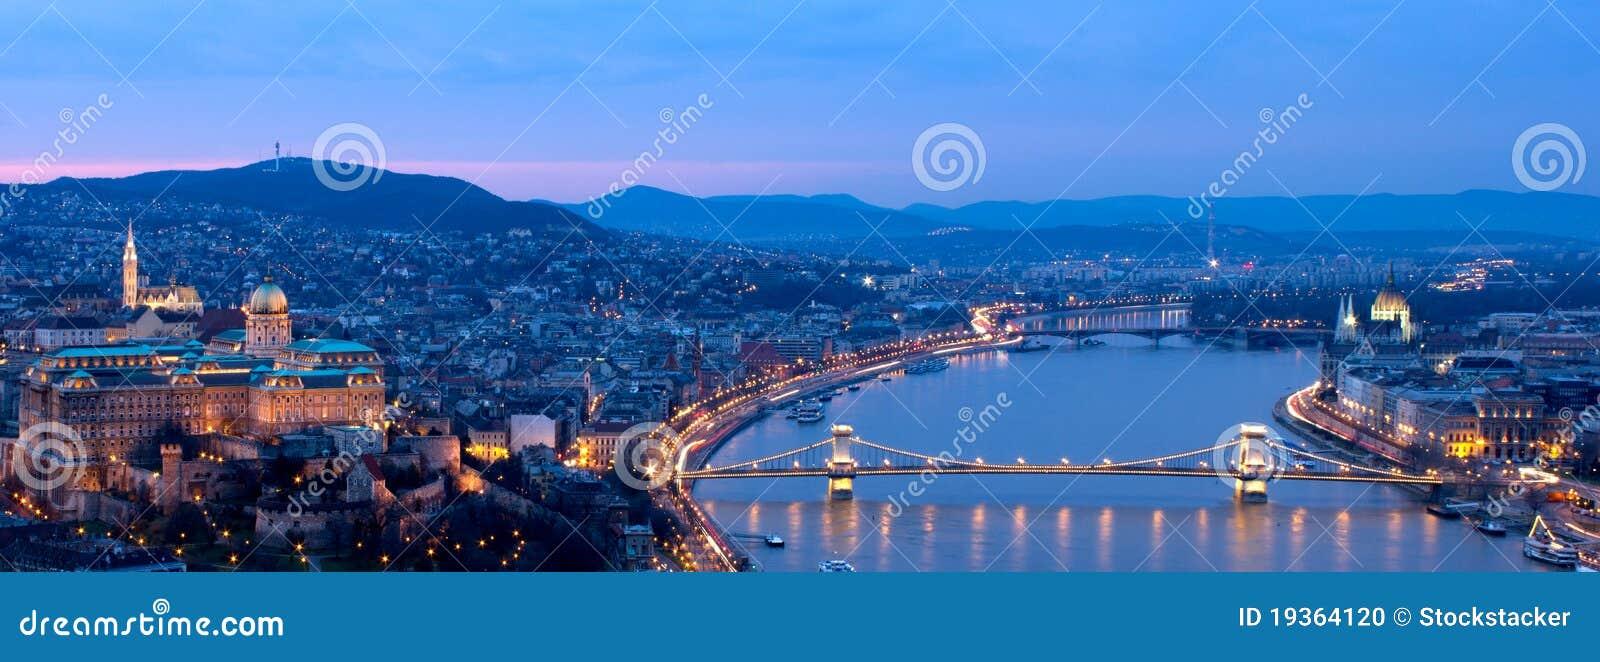 Panorama azul da hora de Budapest